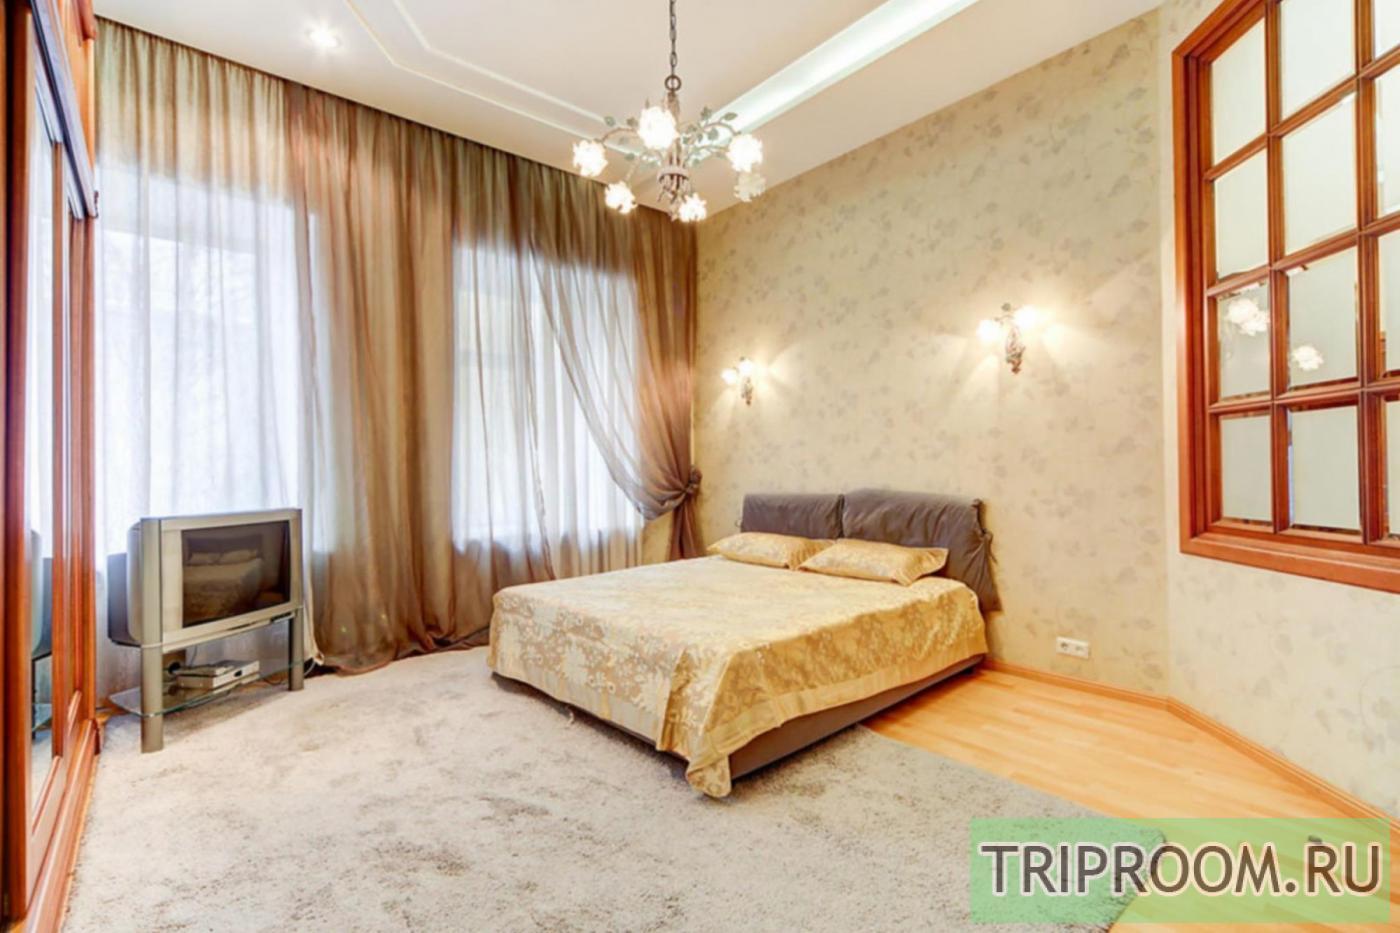 1-комнатная квартира посуточно (вариант № 33288), ул. Островского пер, фото № 4